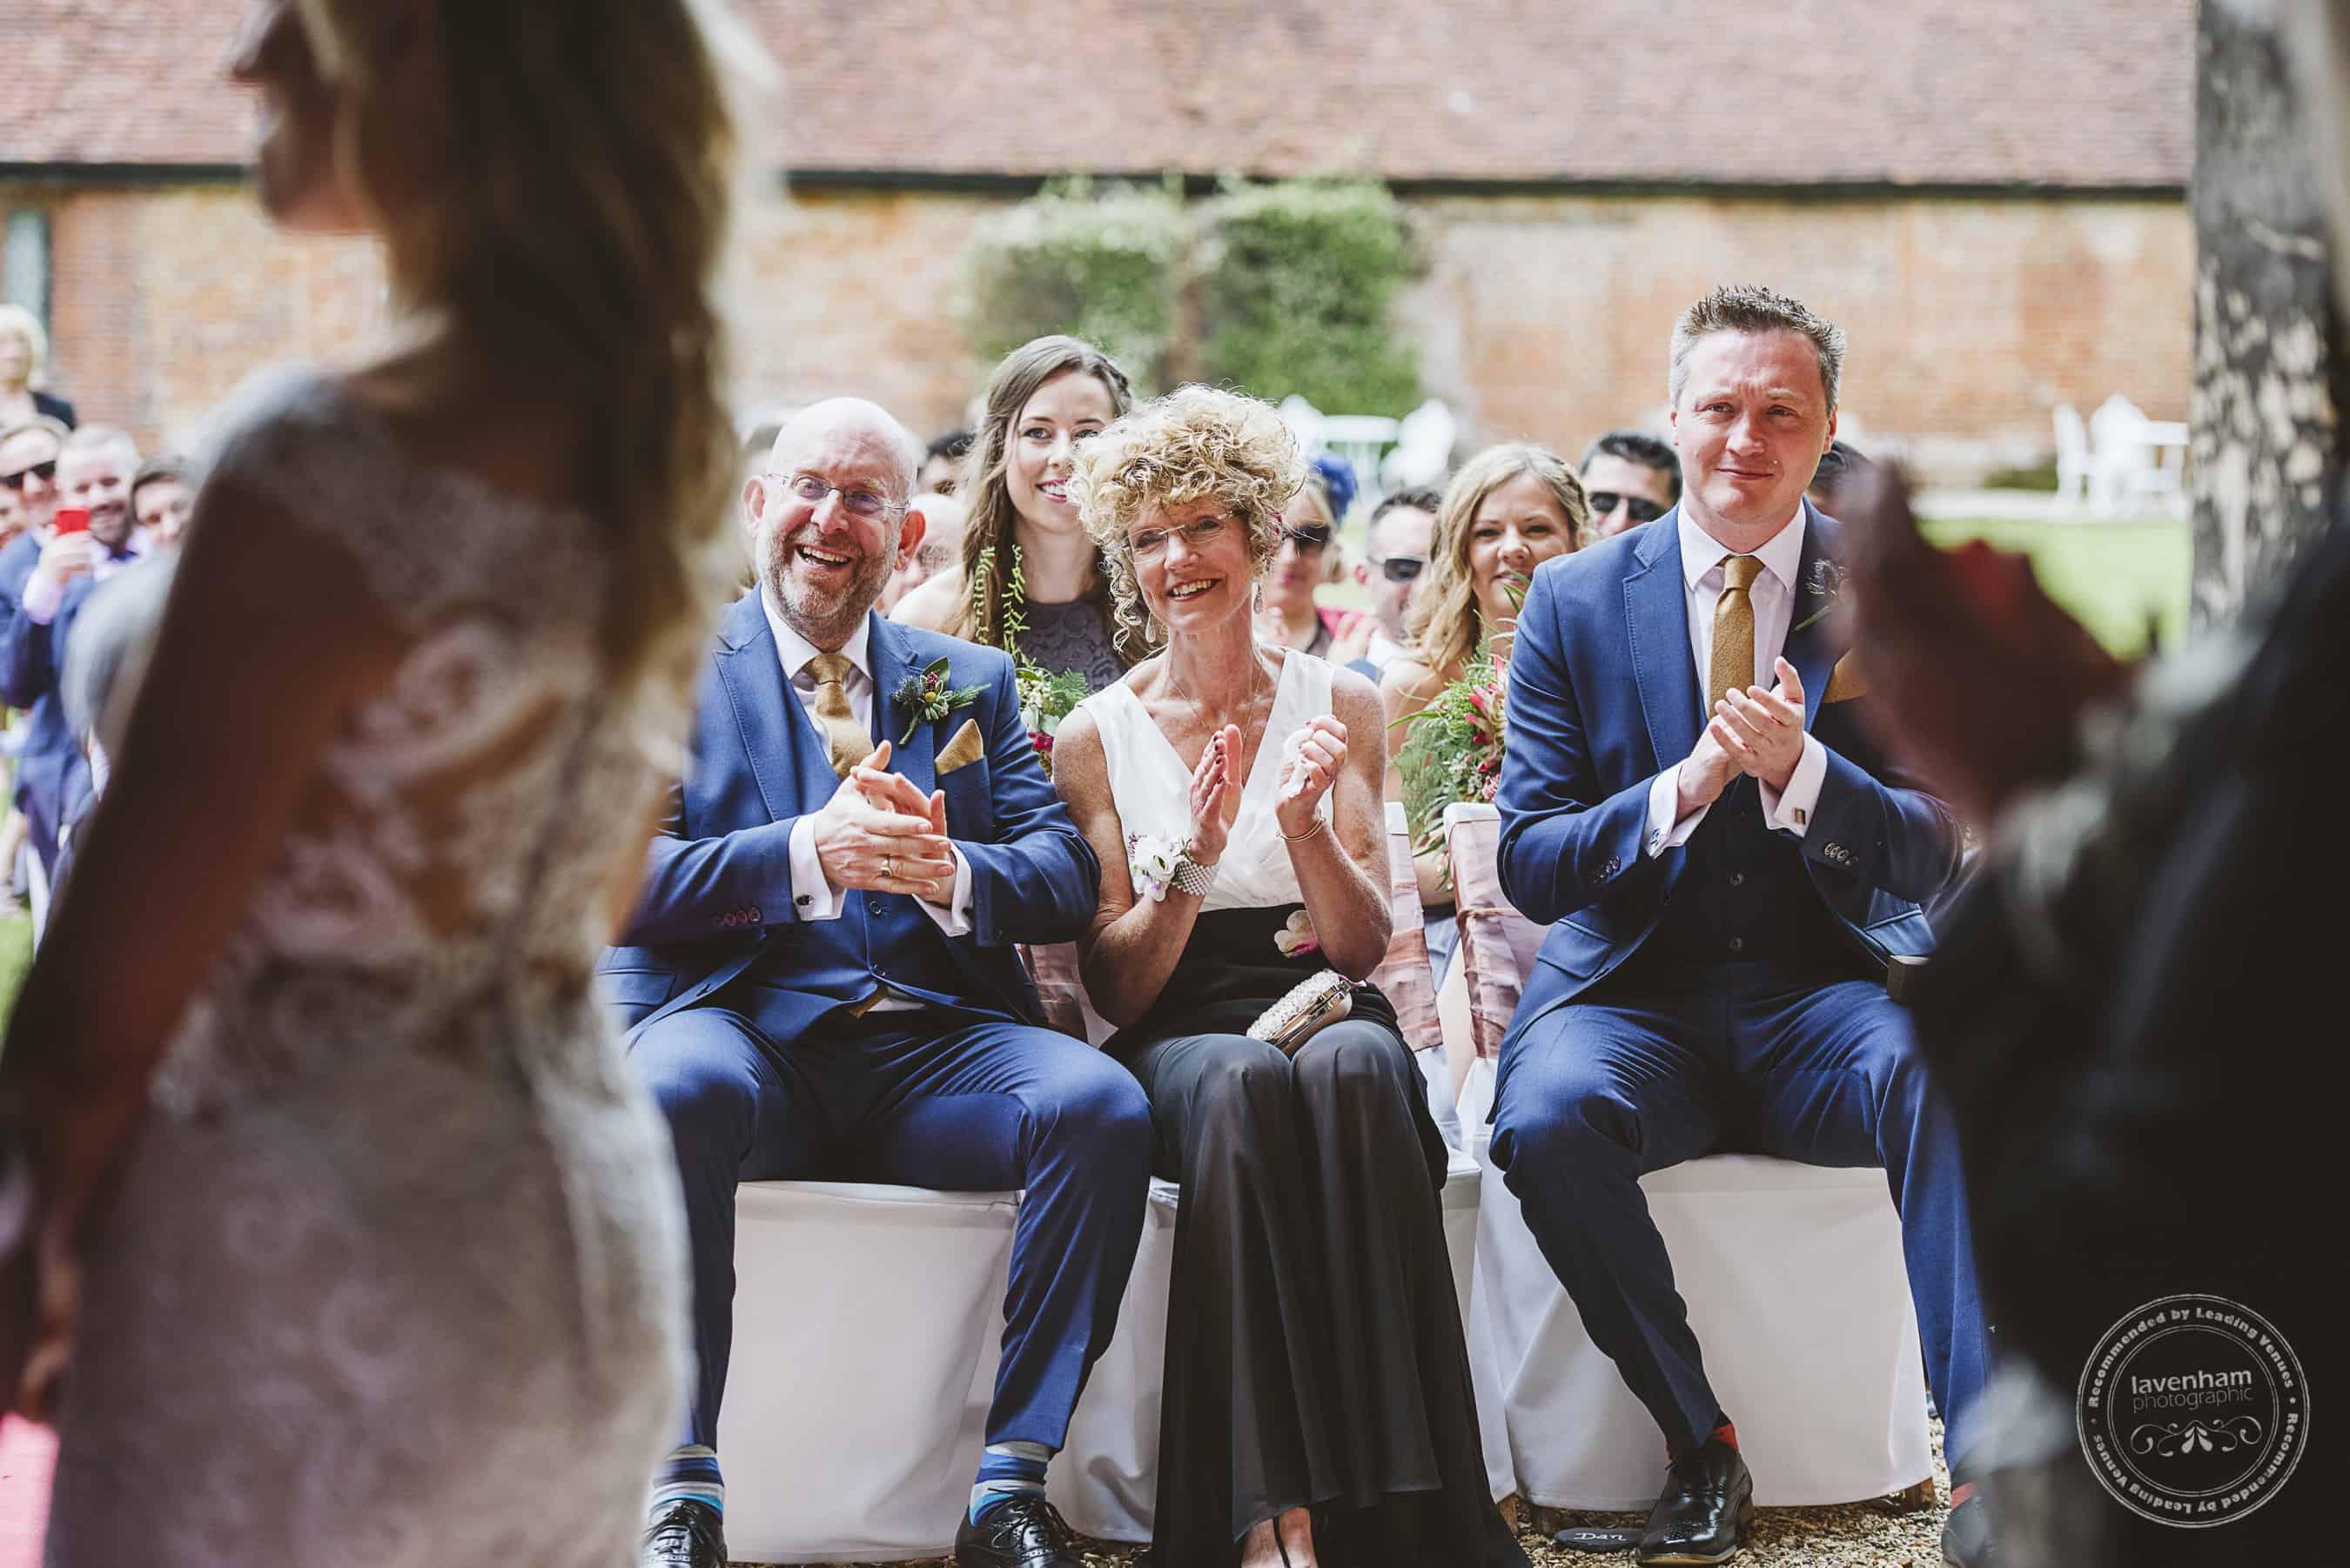 020618 Leez Priory Wedding Photography Lavenham Photographic 057